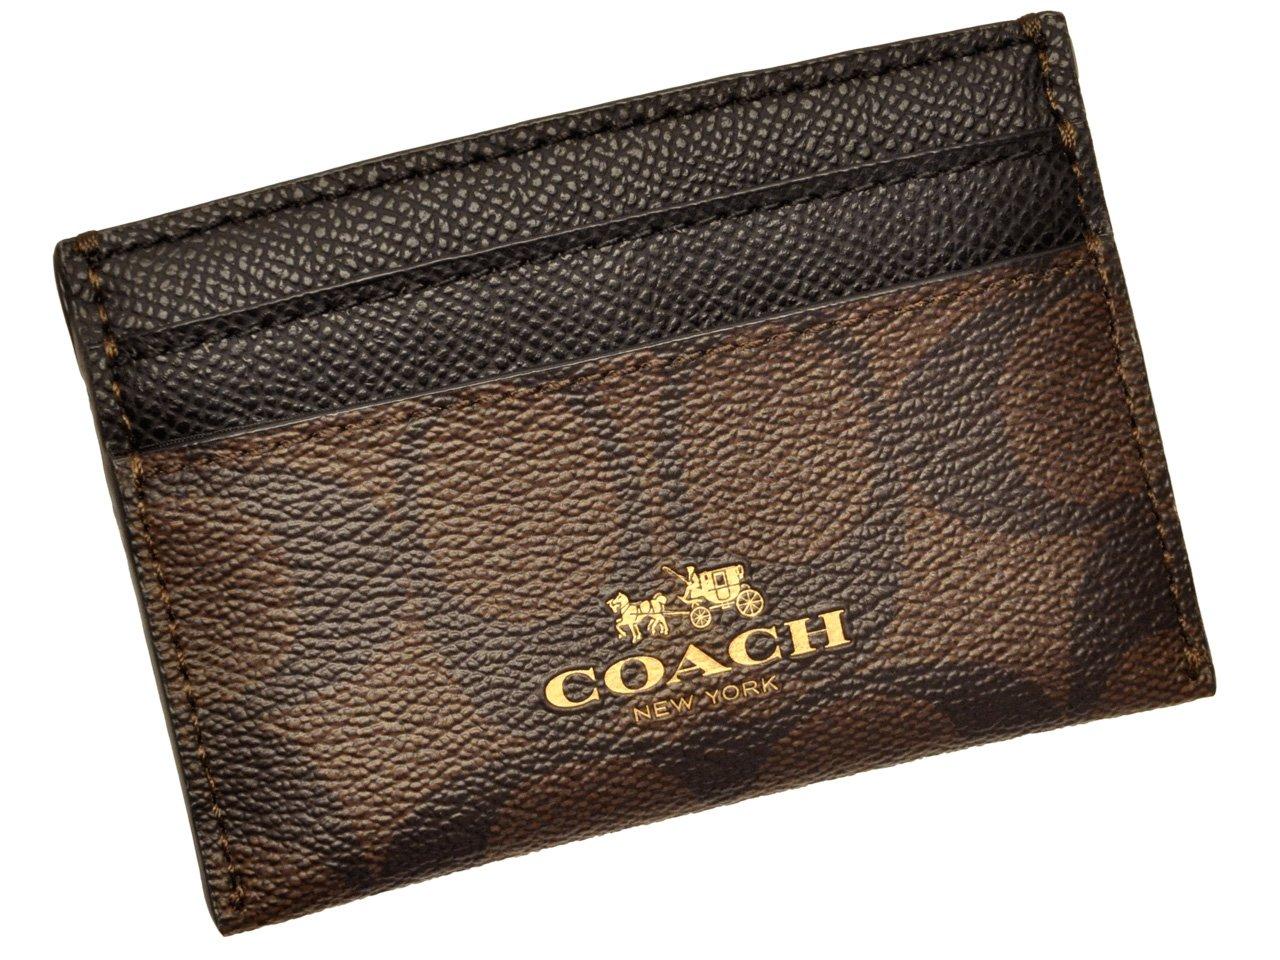 (コーチ)COACH 小物(カードケース) F63279 ラグジュアリー シグネチャー カード ケース レディース [アウトレット品] [並行輸入品] B00RYGWANS ブラウン×ブラック ブラウン×ブラック